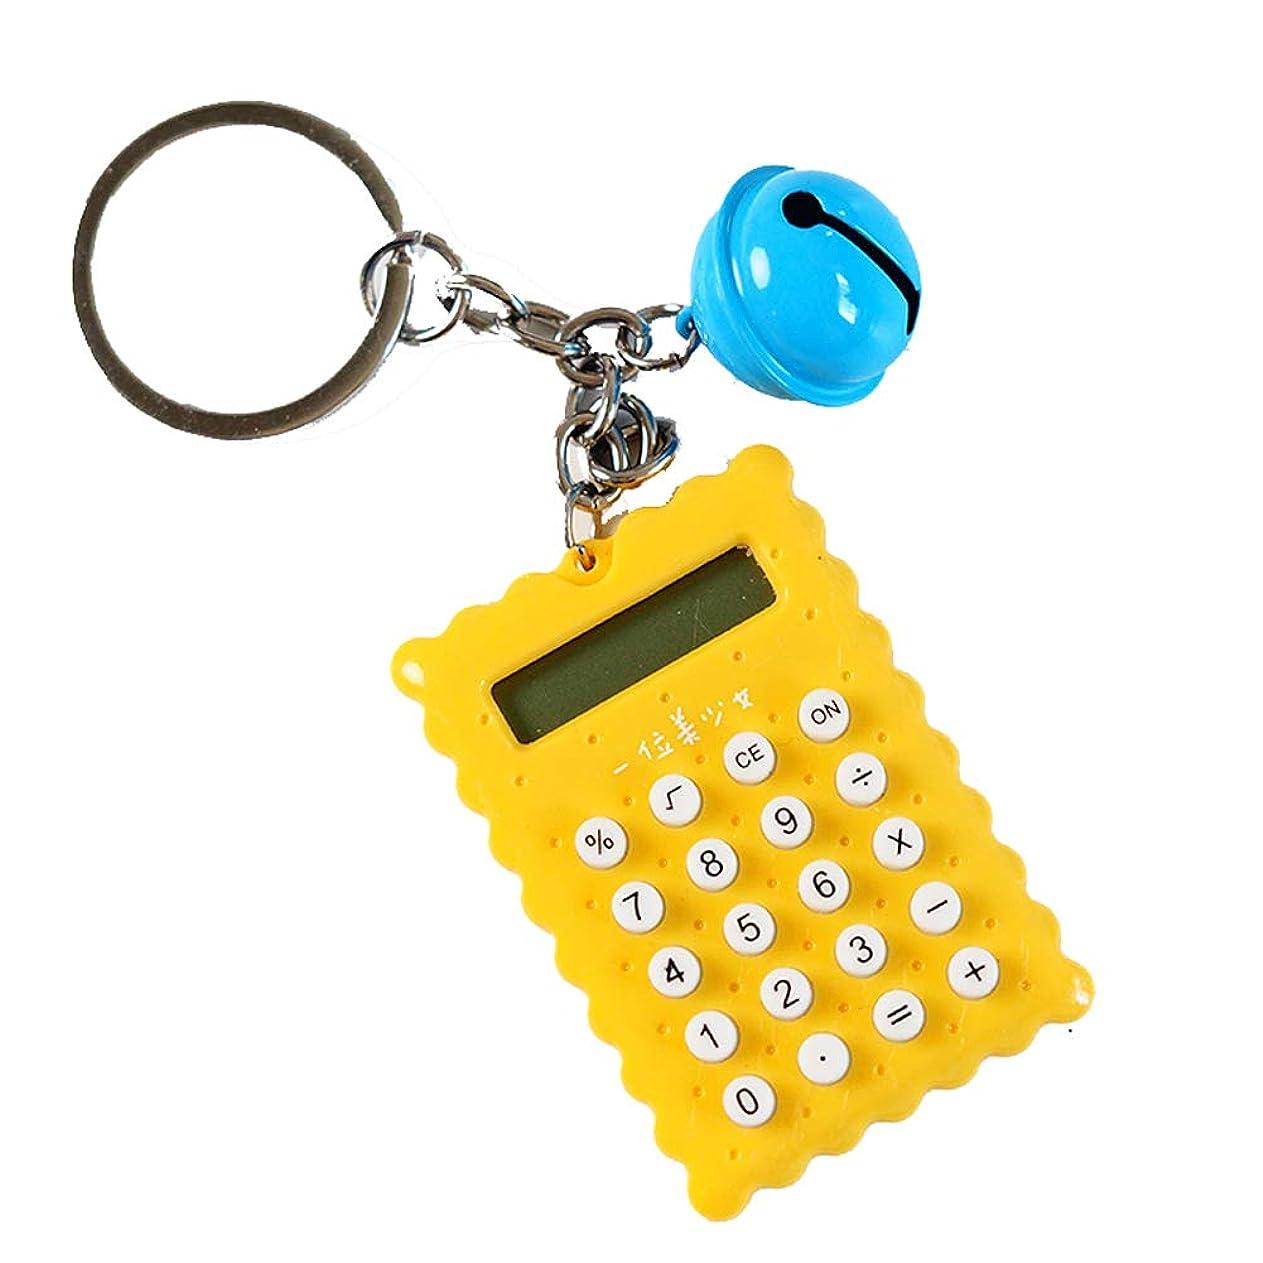 移動する製油所一掃するかわいいクッキーミニ電卓 クリエイティブ電卓 キーチェーン付き イエロー